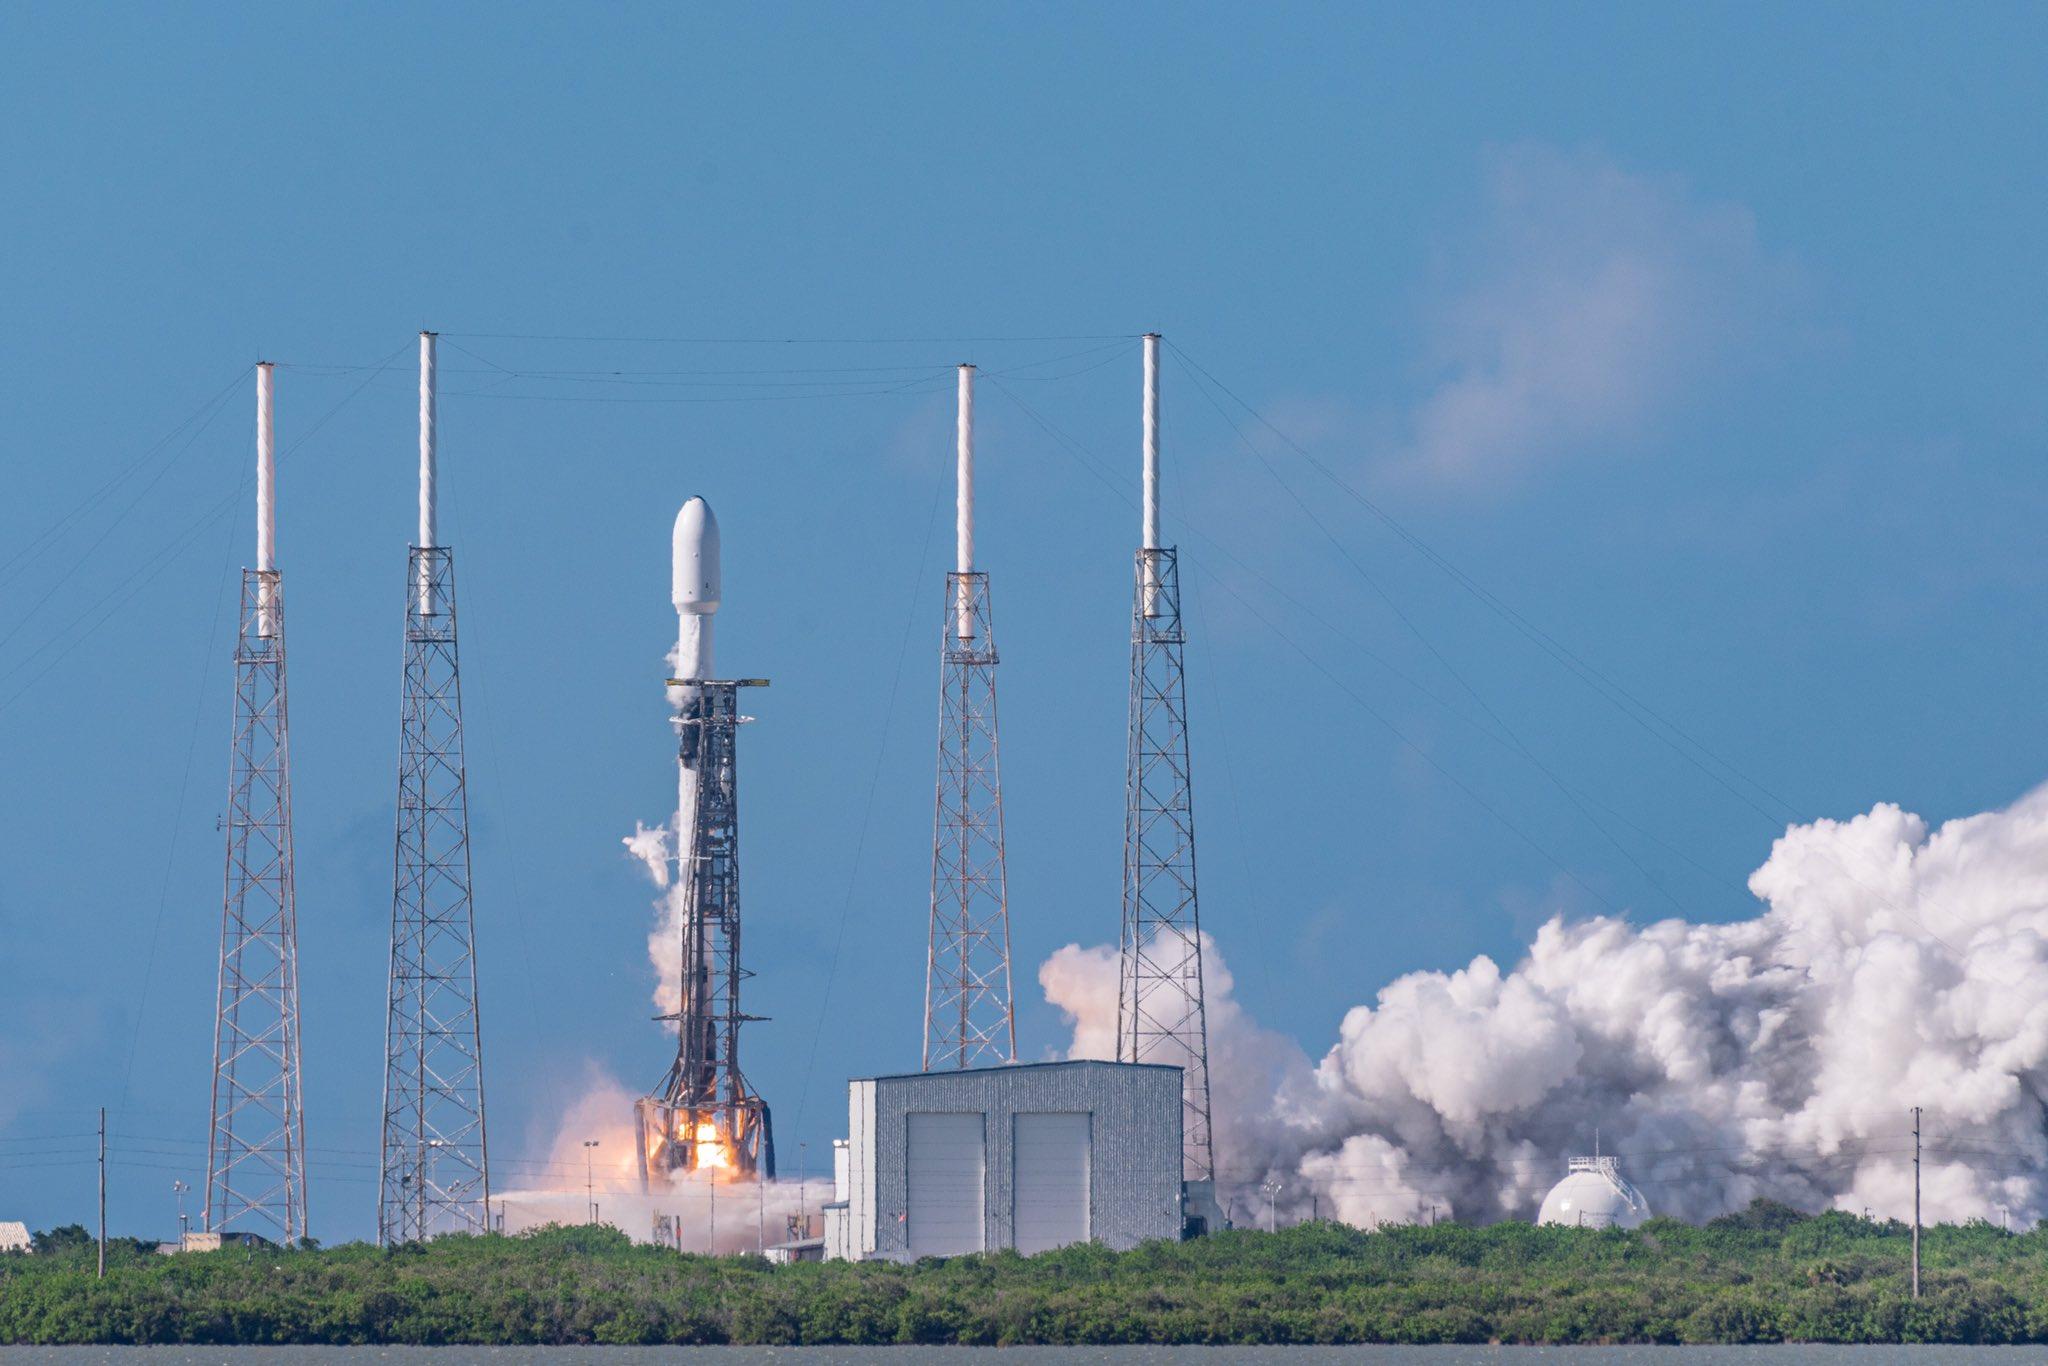 Figure 1: Lansarea rachetei Falcon 9 cu treapta primară B1058 de pe rampa SLC-40 de la complexul spațial Cape Canaveral, Florida.